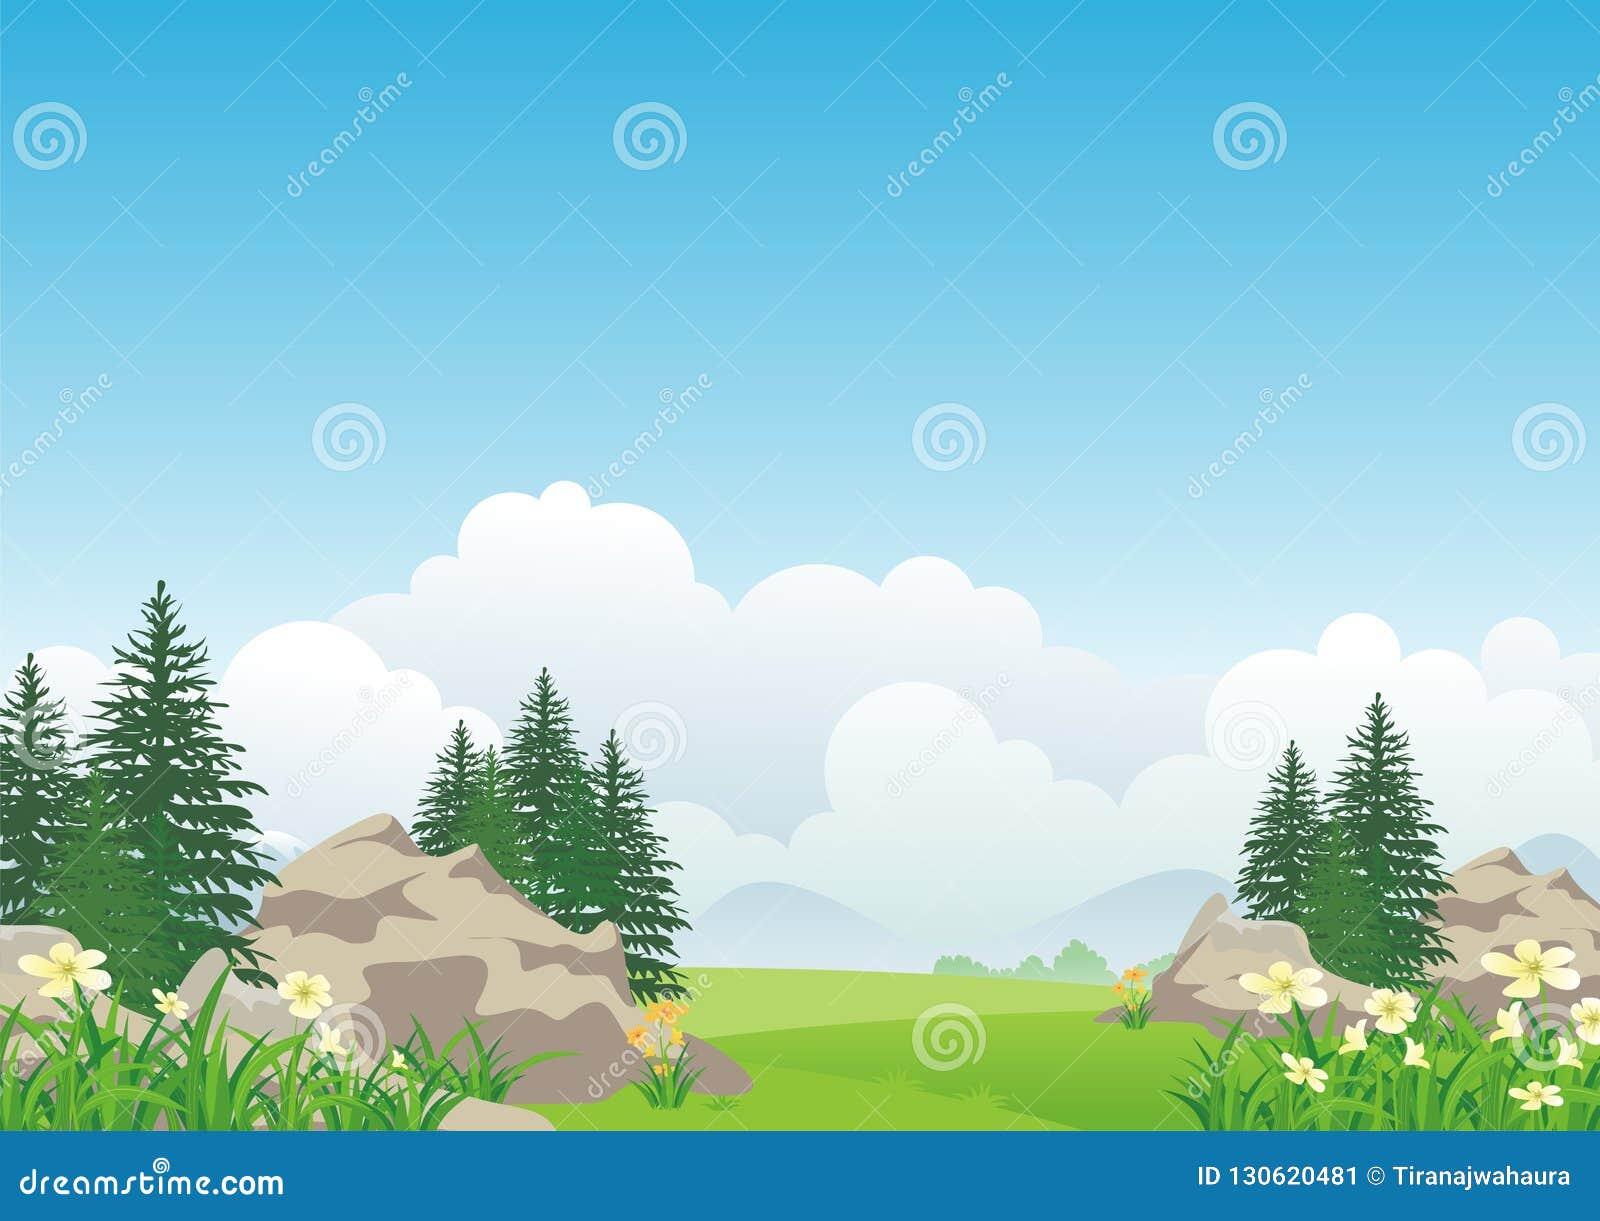 Τοπίο με το δύσκολο λόφο, το καλό και χαριτωμένο σχέδιο κινούμενων σχεδίων τοπίου